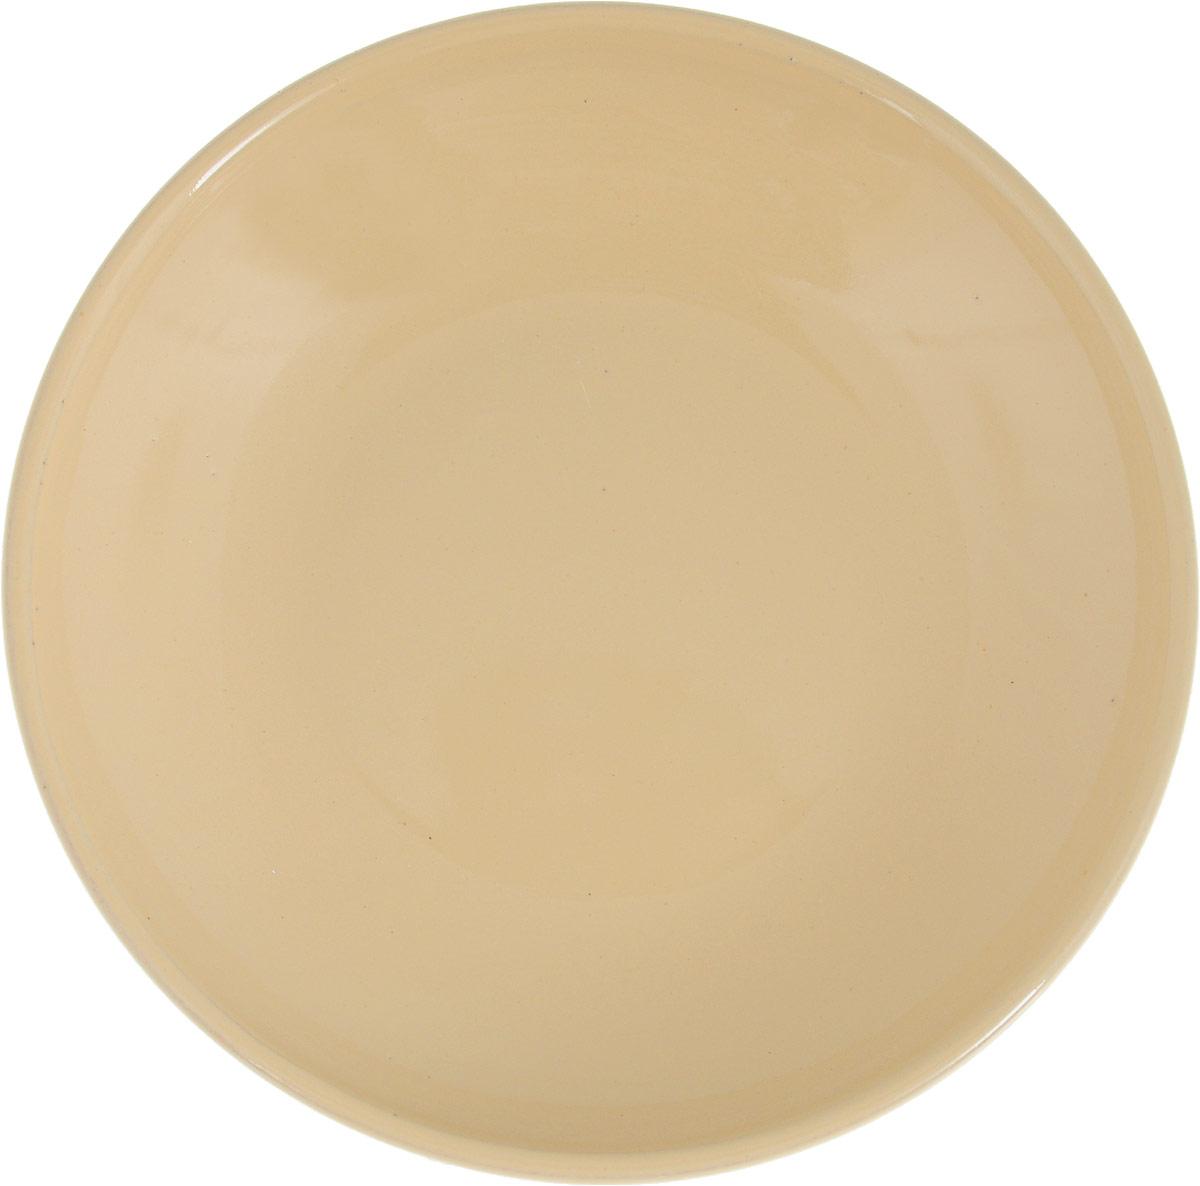 """Блюдце Борисовская керамика """"Радуга"""", изготовленное из высококачественной керамики, предназначено для красивой подачи различных блюд. Такое блюдце украсит сервировку стола и подчеркнет прекрасный вкус хозяйки. Можно мыть в посудомоечной машине и использовать в микроволновой печи."""